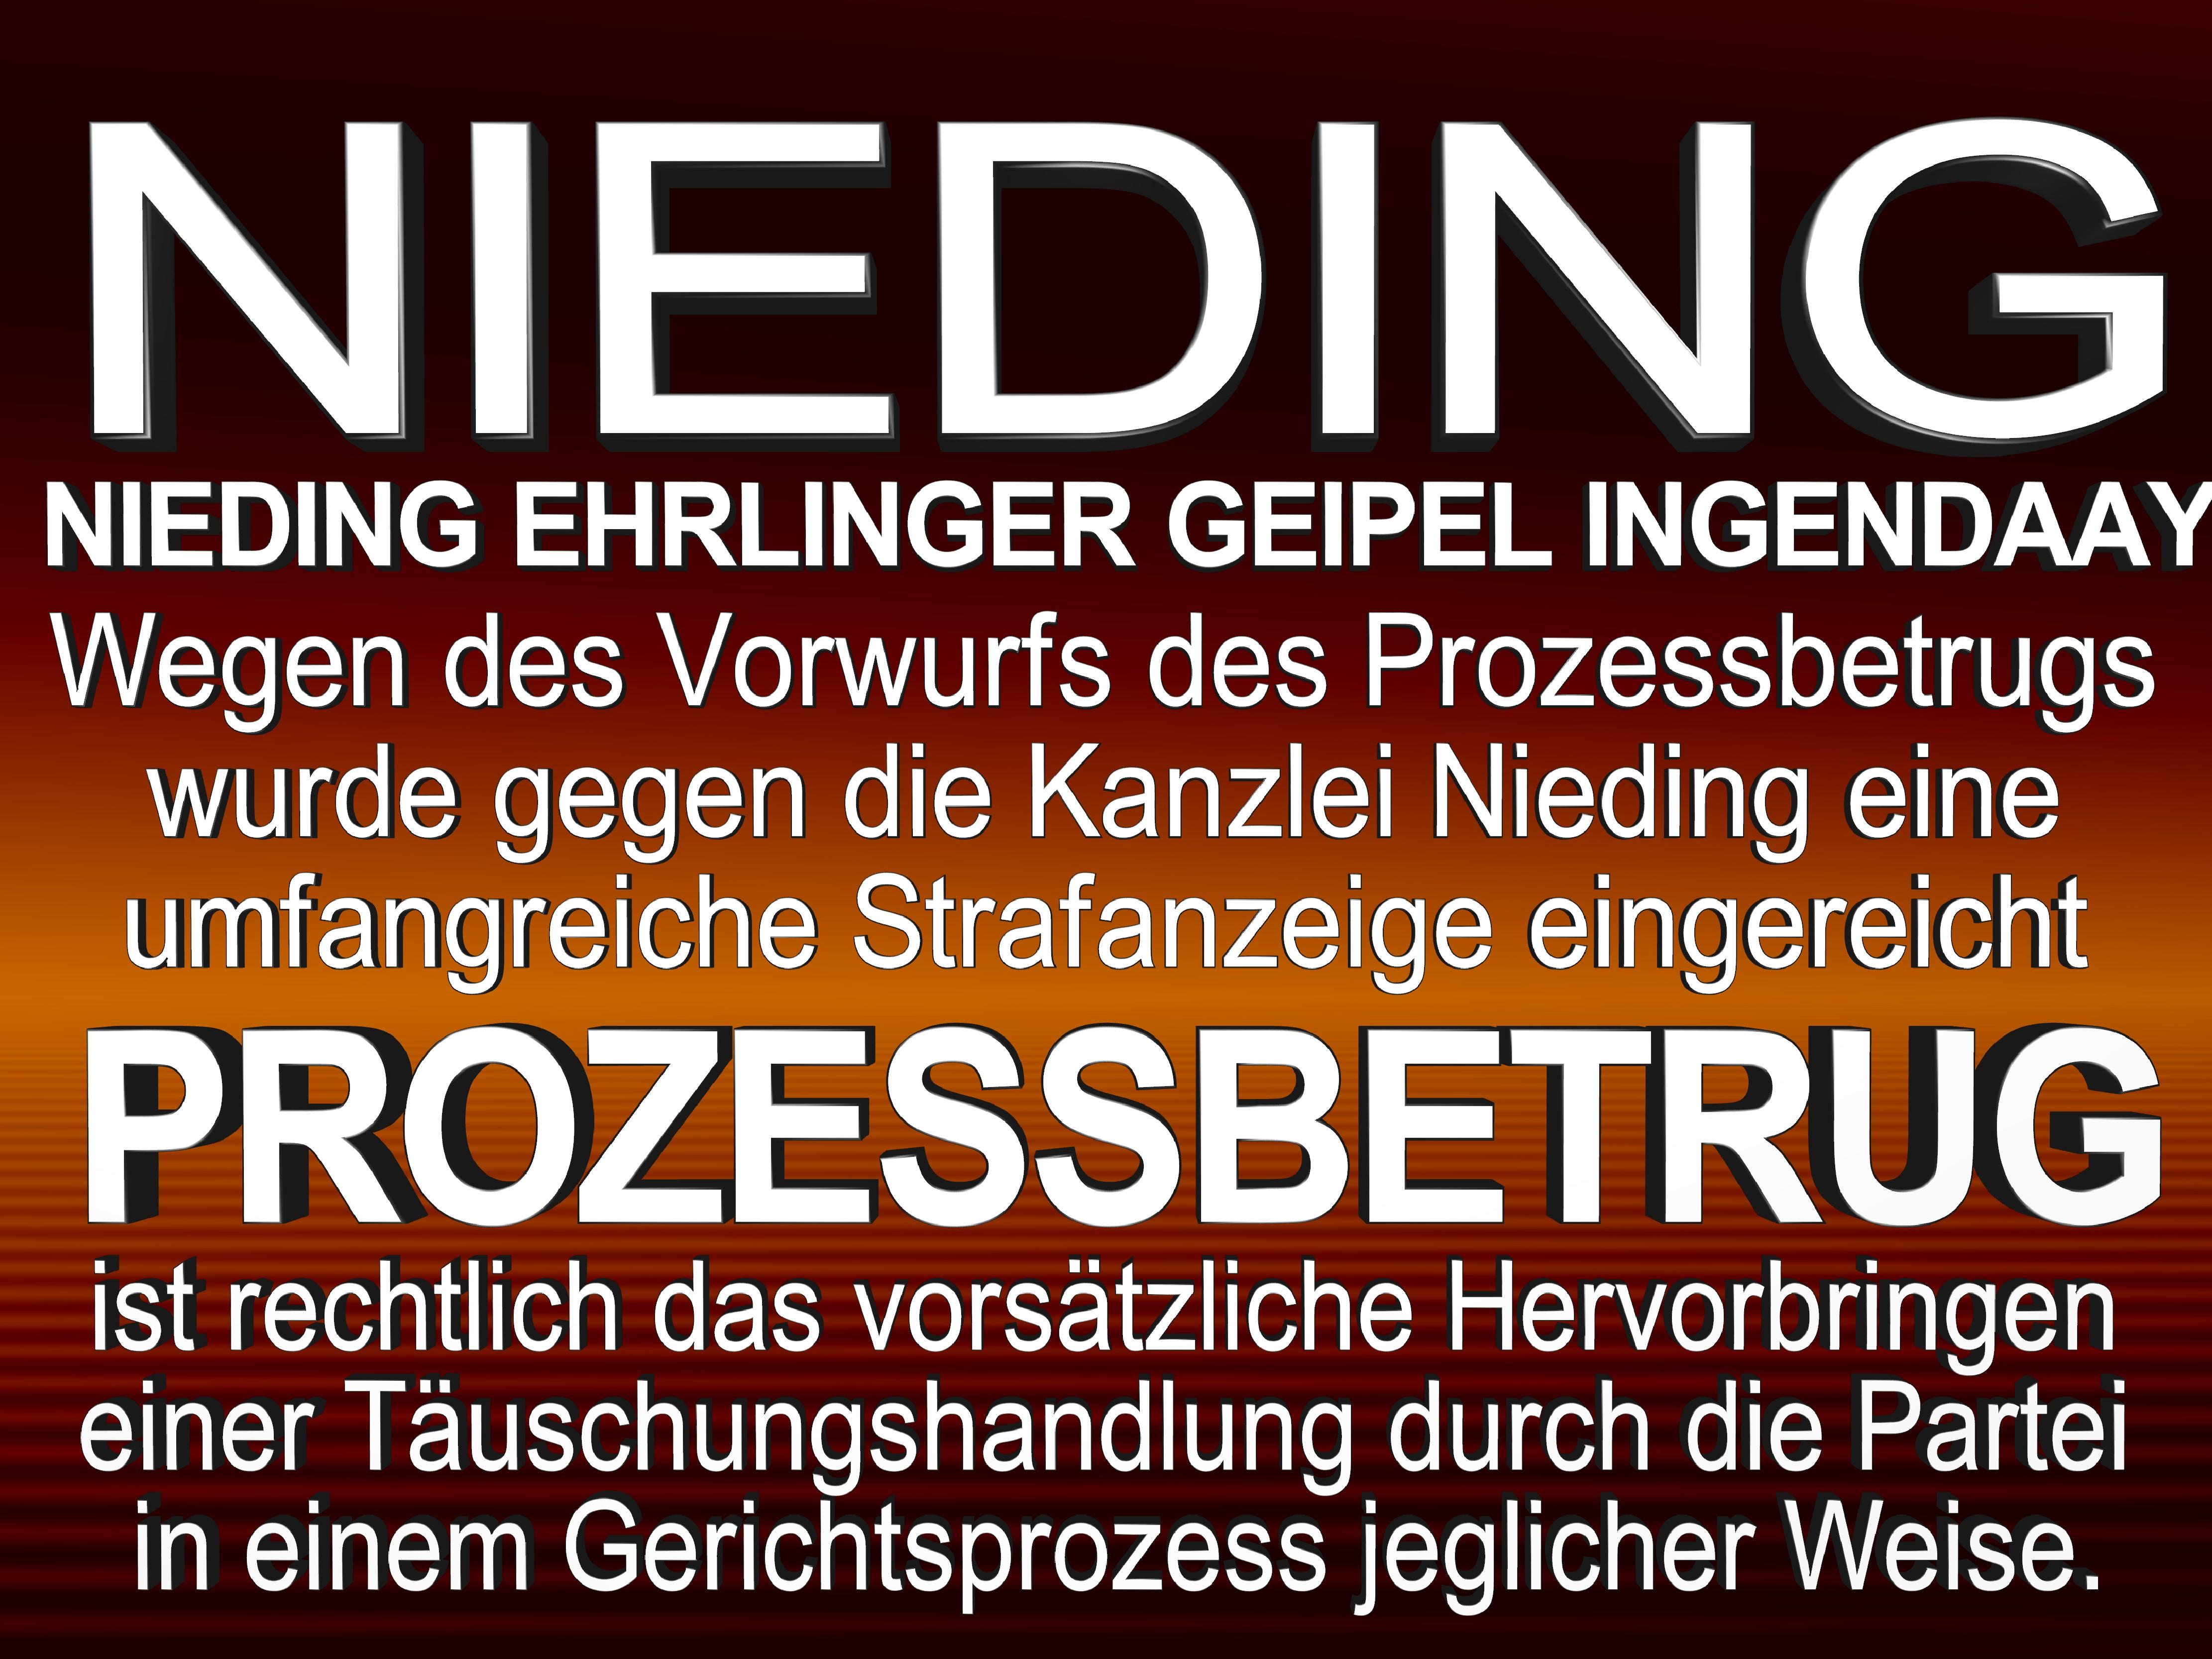 NIEDING EHRLINGER GEIPEL INGENDAAY LELKE Kurfürstendamm 66 Berlin Rechtsanwalt gewerblicher Rechtsschutz Rechtsanwälte(98)